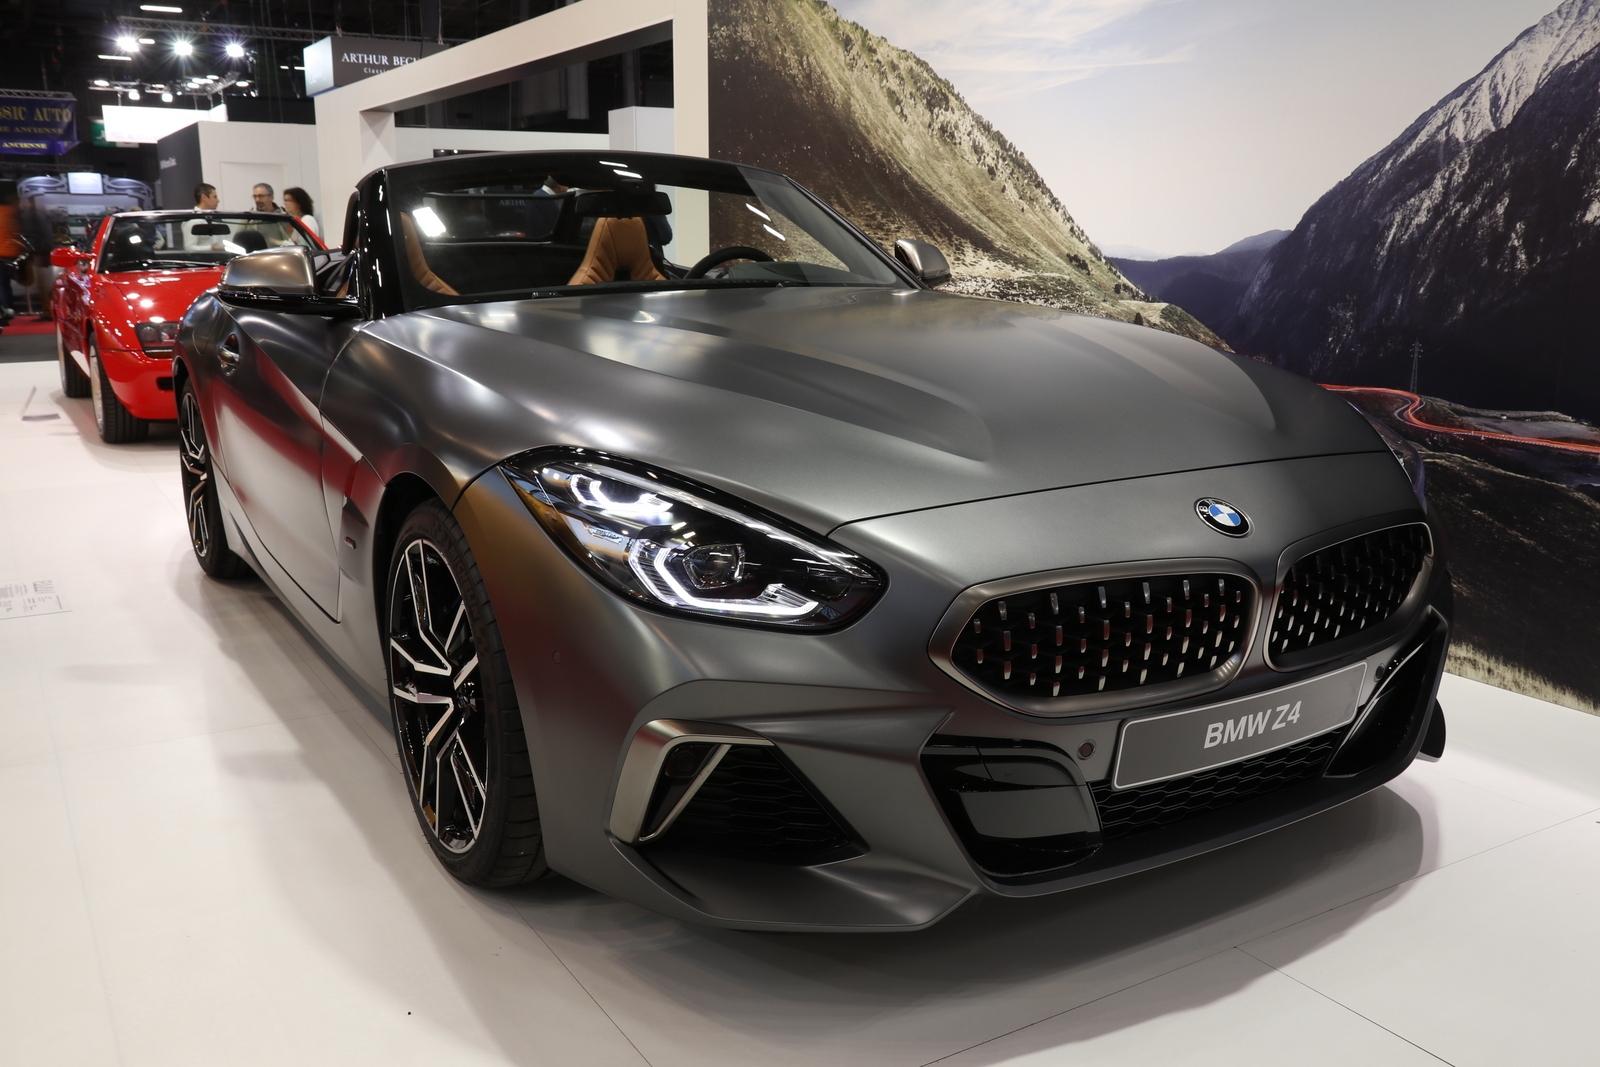 Audacieux BMW: roadsters, sport et luxe au programme de Retromobile 2019 LY-93